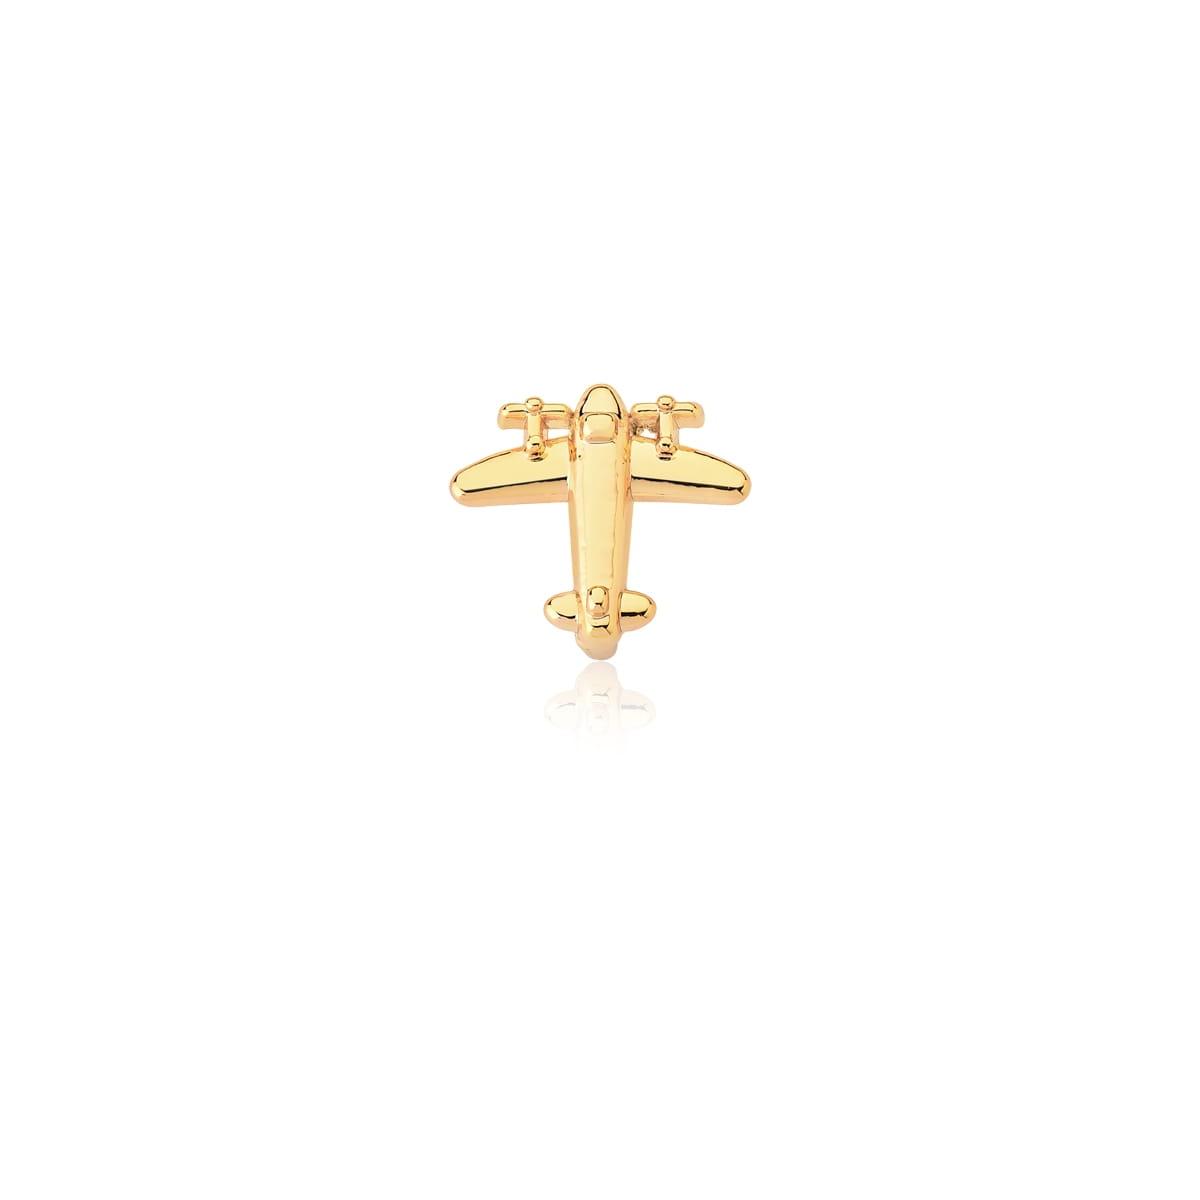 Pingente Esteira de Avião Liso em Aço Dourado